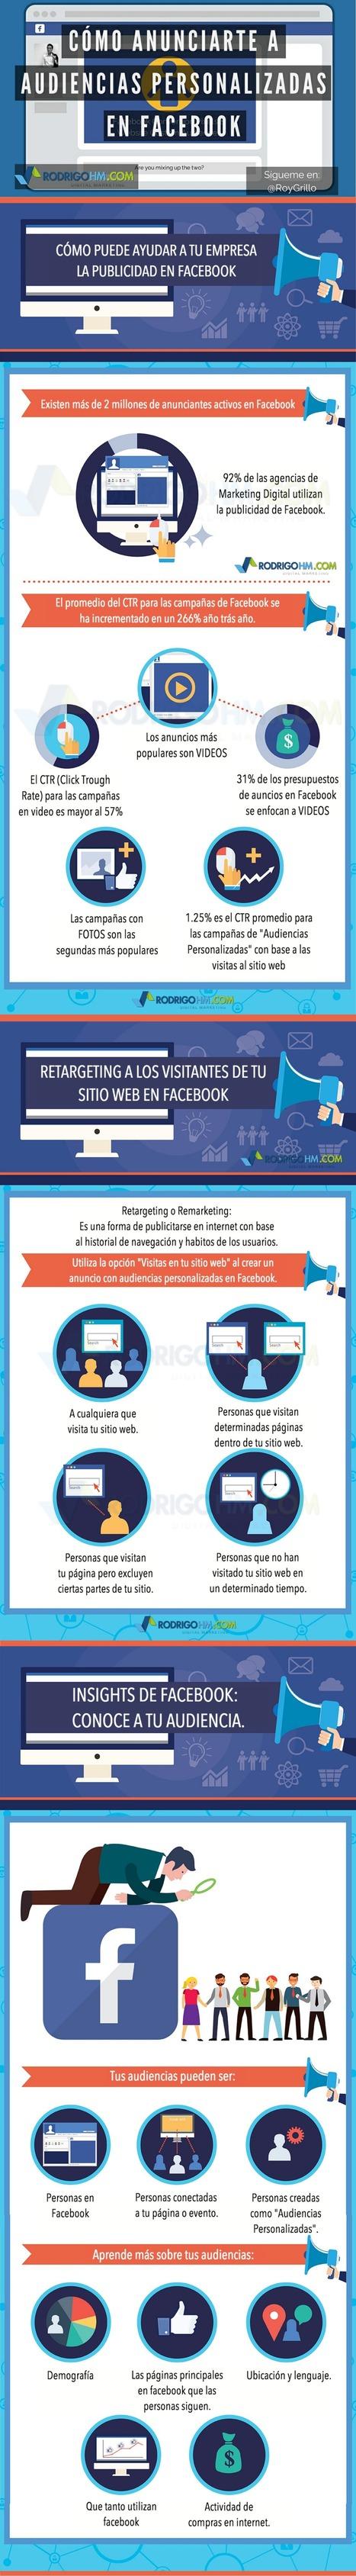 Anuncios para audiencias personalizadas en Facebook #infografia #marketing #socialmedia   Redes sociales y Social Media   Scoop.it